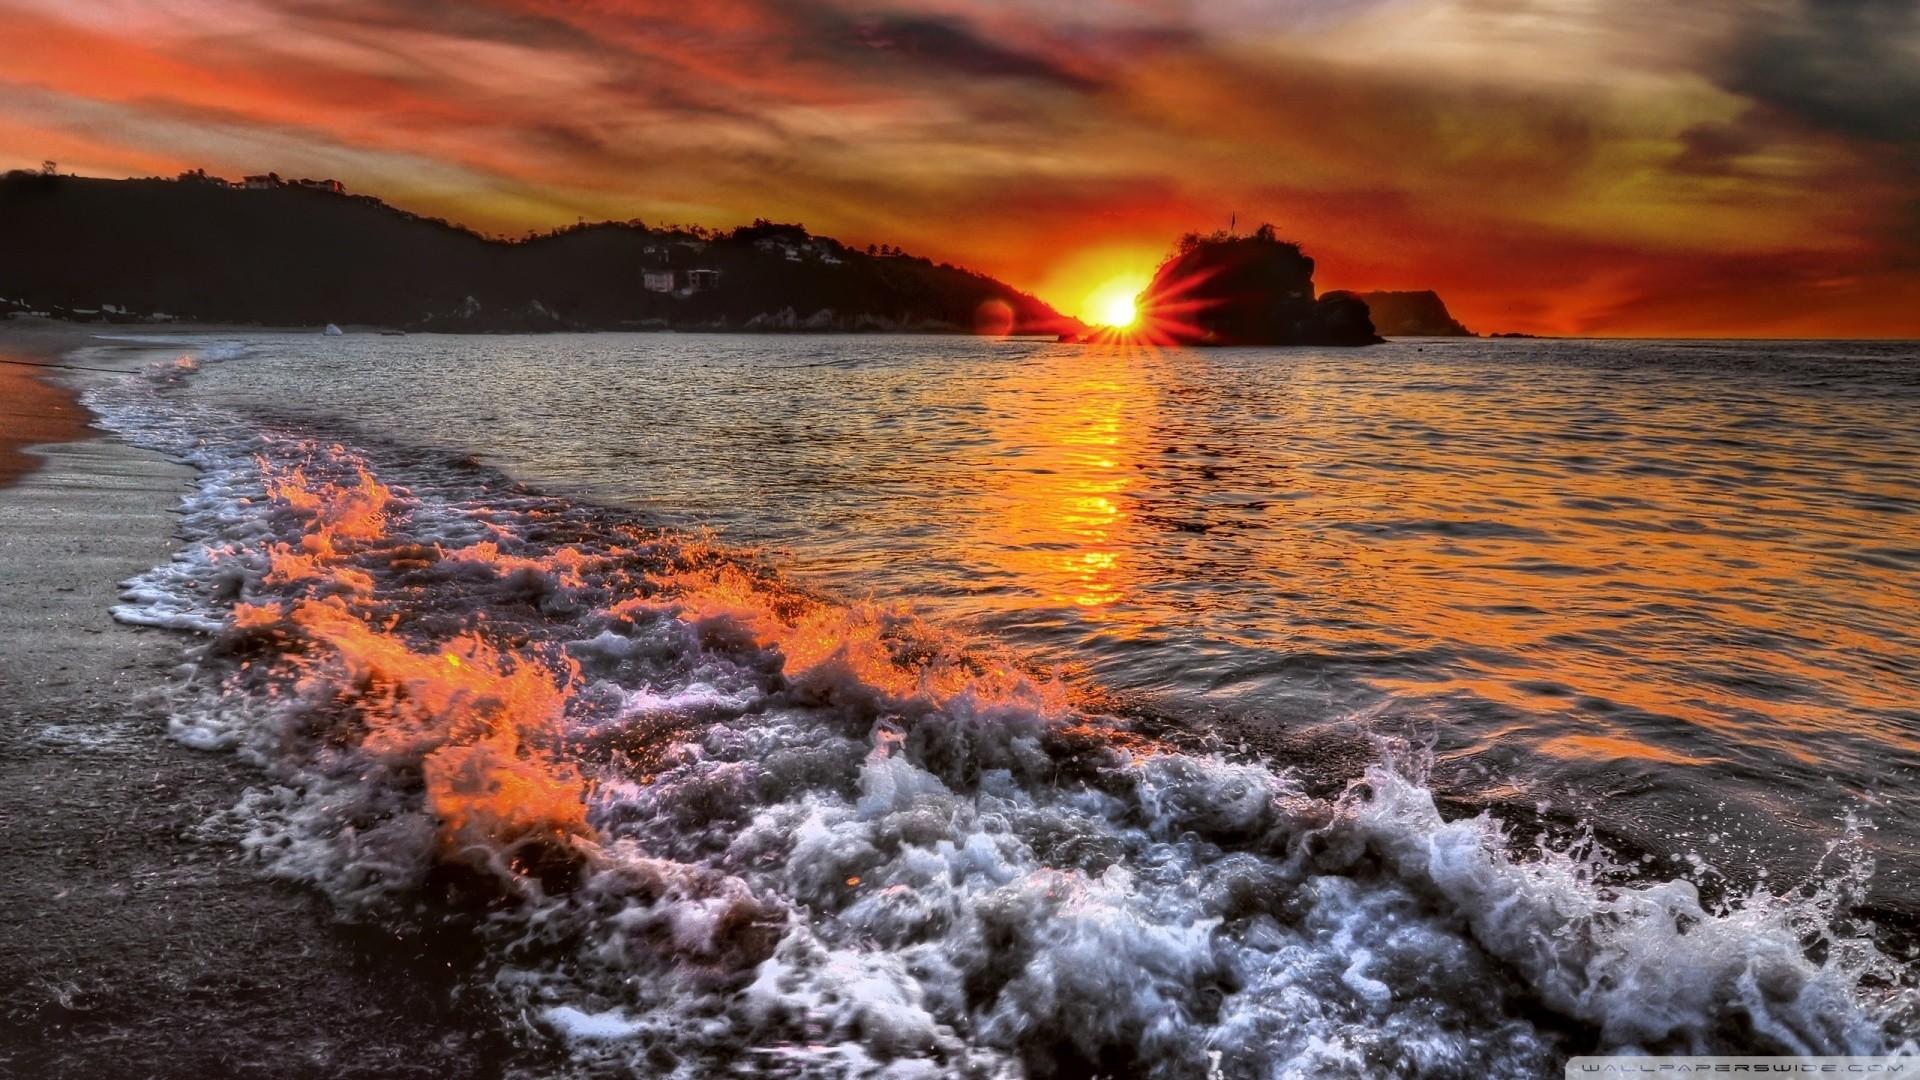 1920x1200 Wallpaper Qmhgxry Seaside Beautiful Sunset Sunrise Scenery Pretty Images 1920A 1200